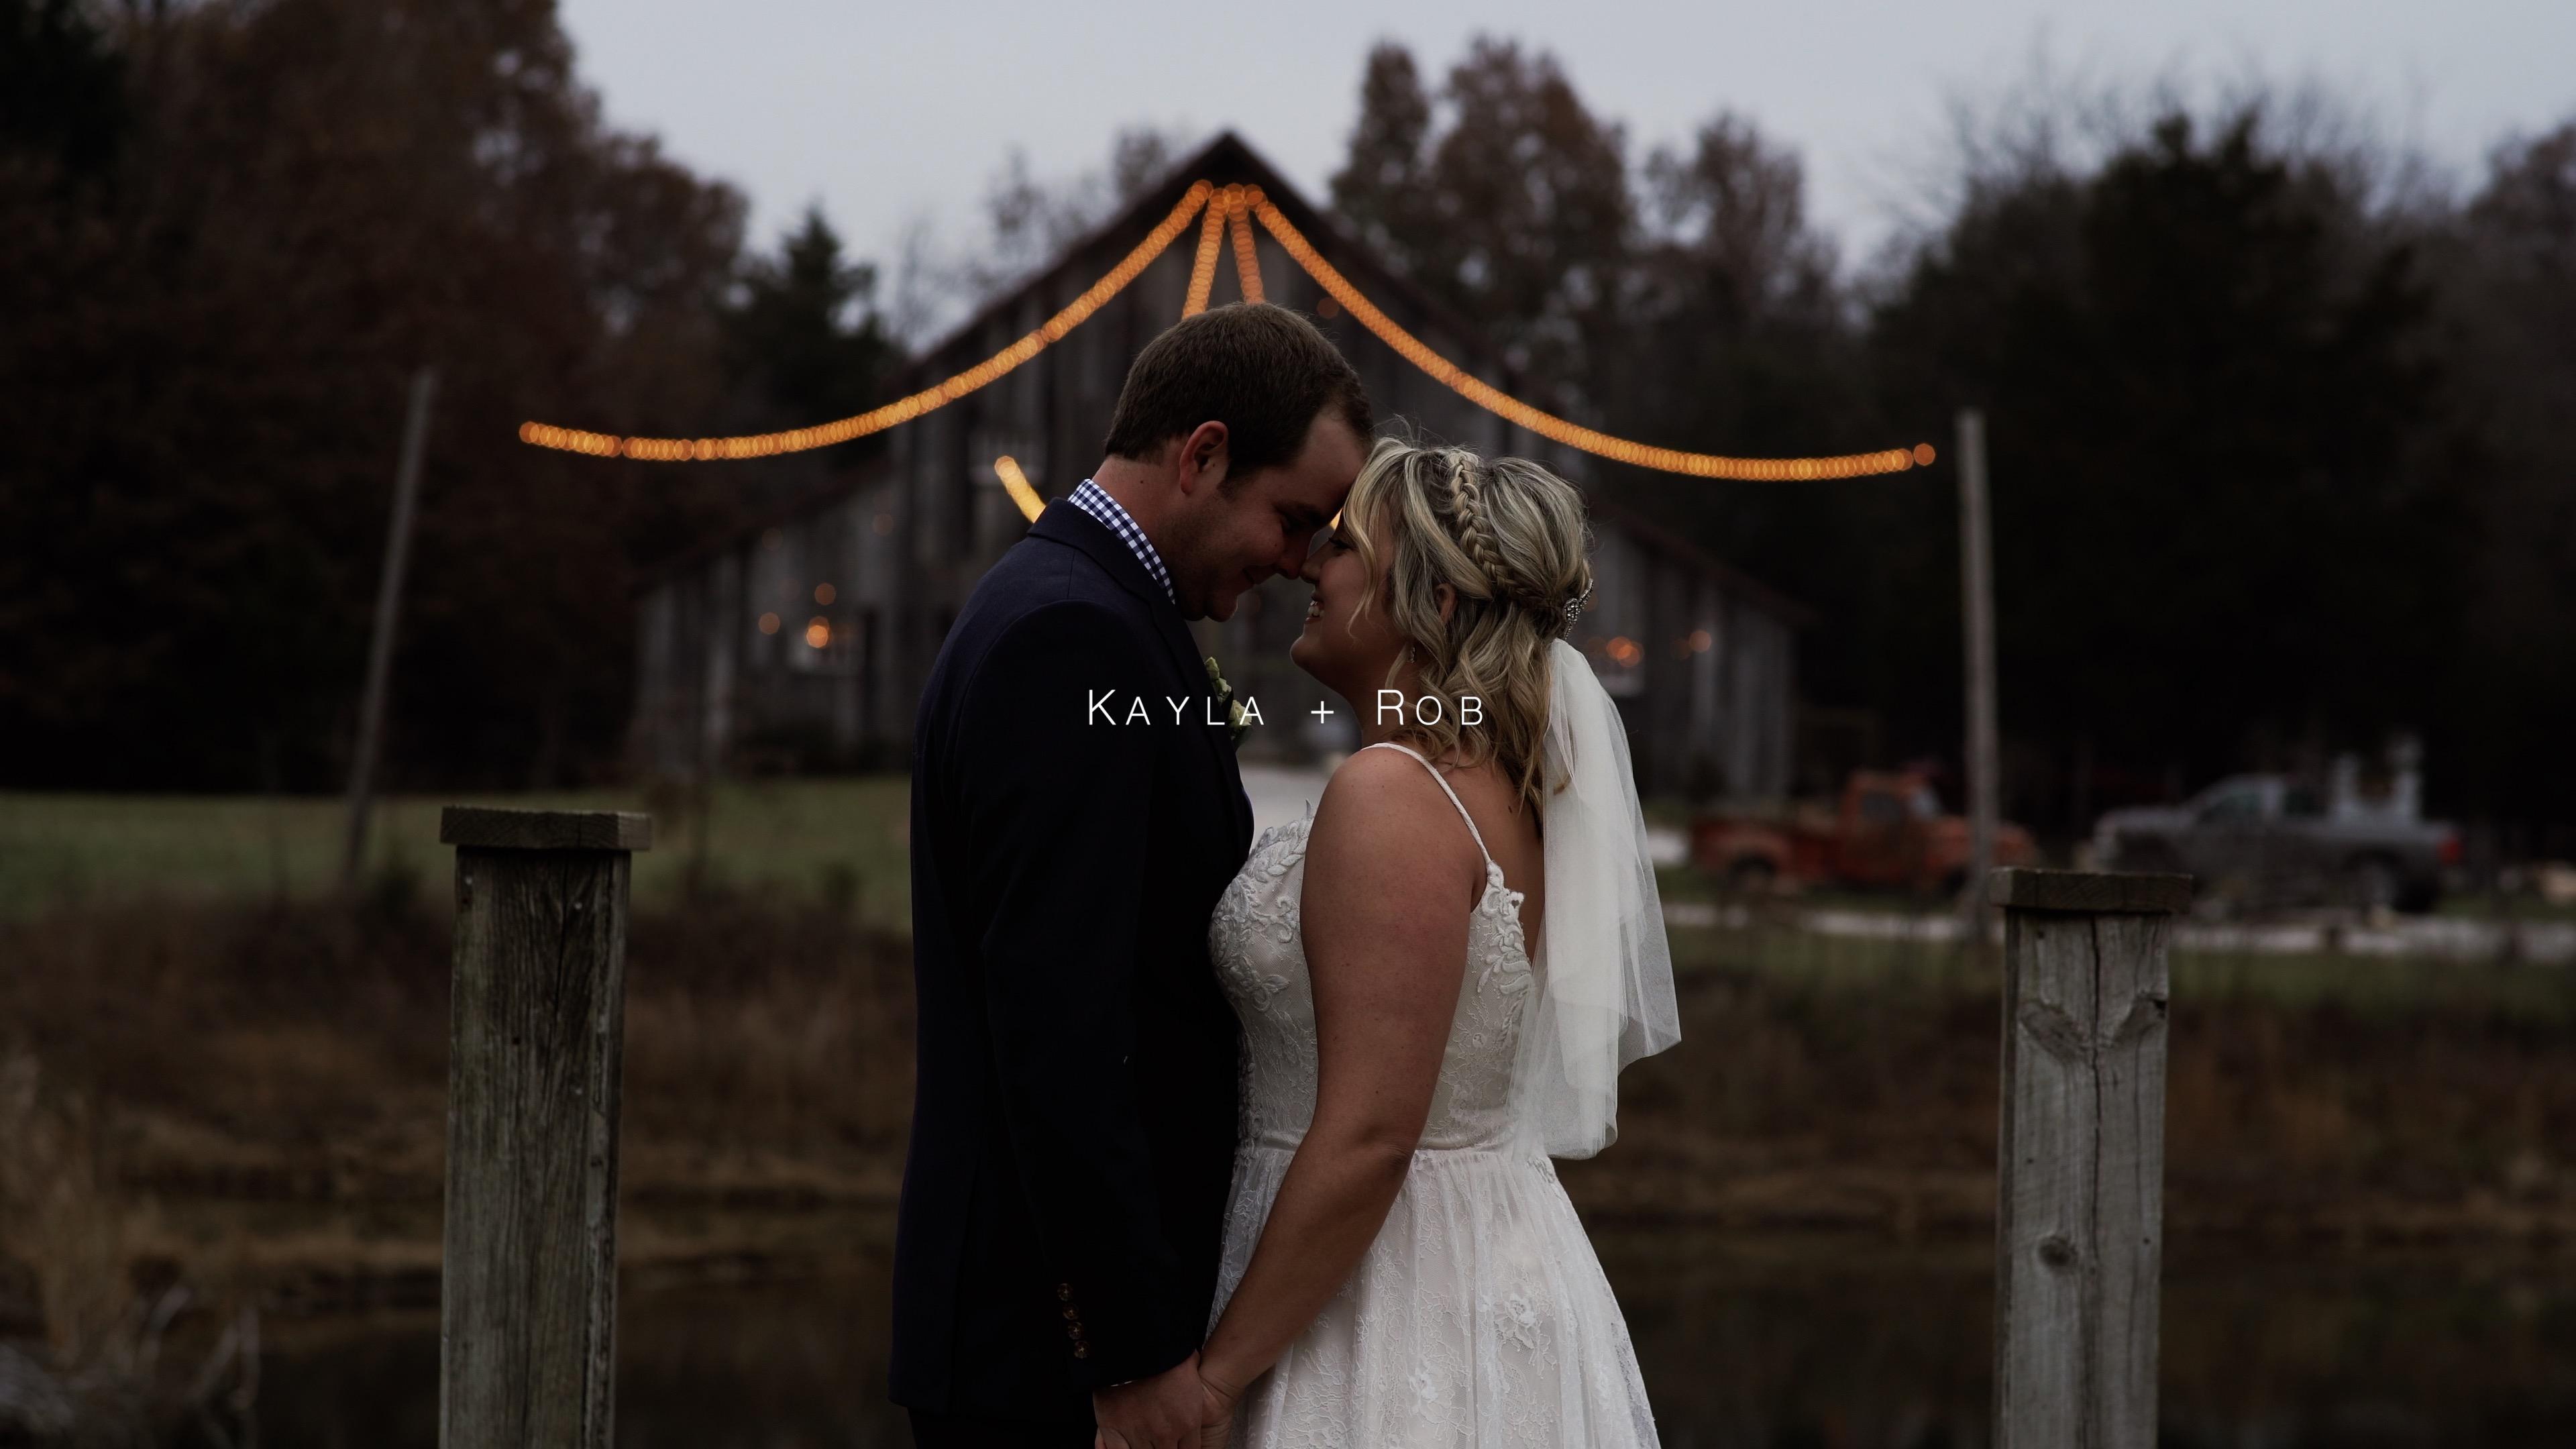 Kayla + Rob | Sedalia, Missouri | Heritage Ranch